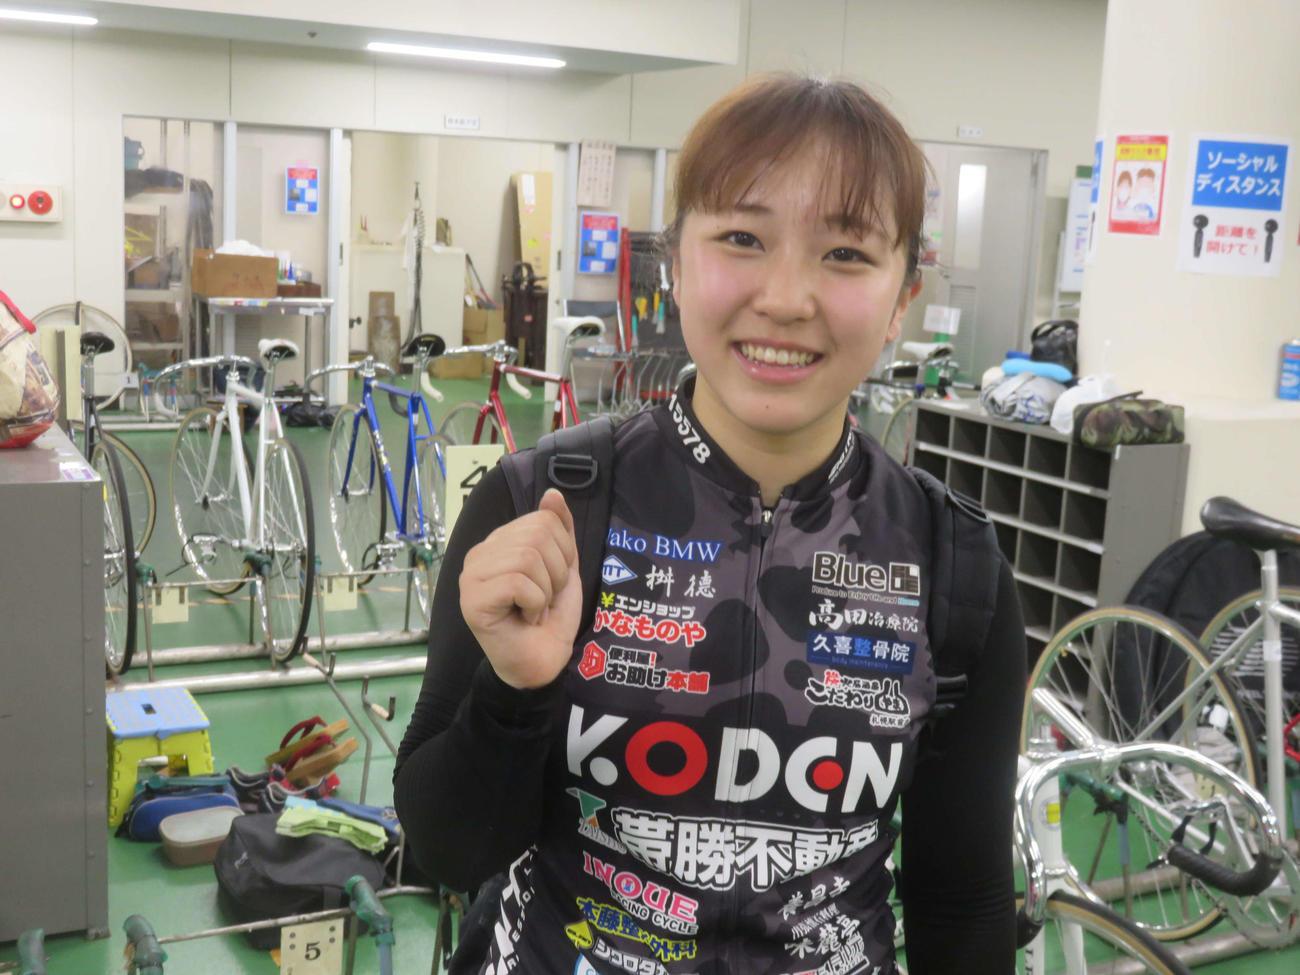 本格デビュー2戦目で初めて勝ち上がりの確定板に載った飯田風音